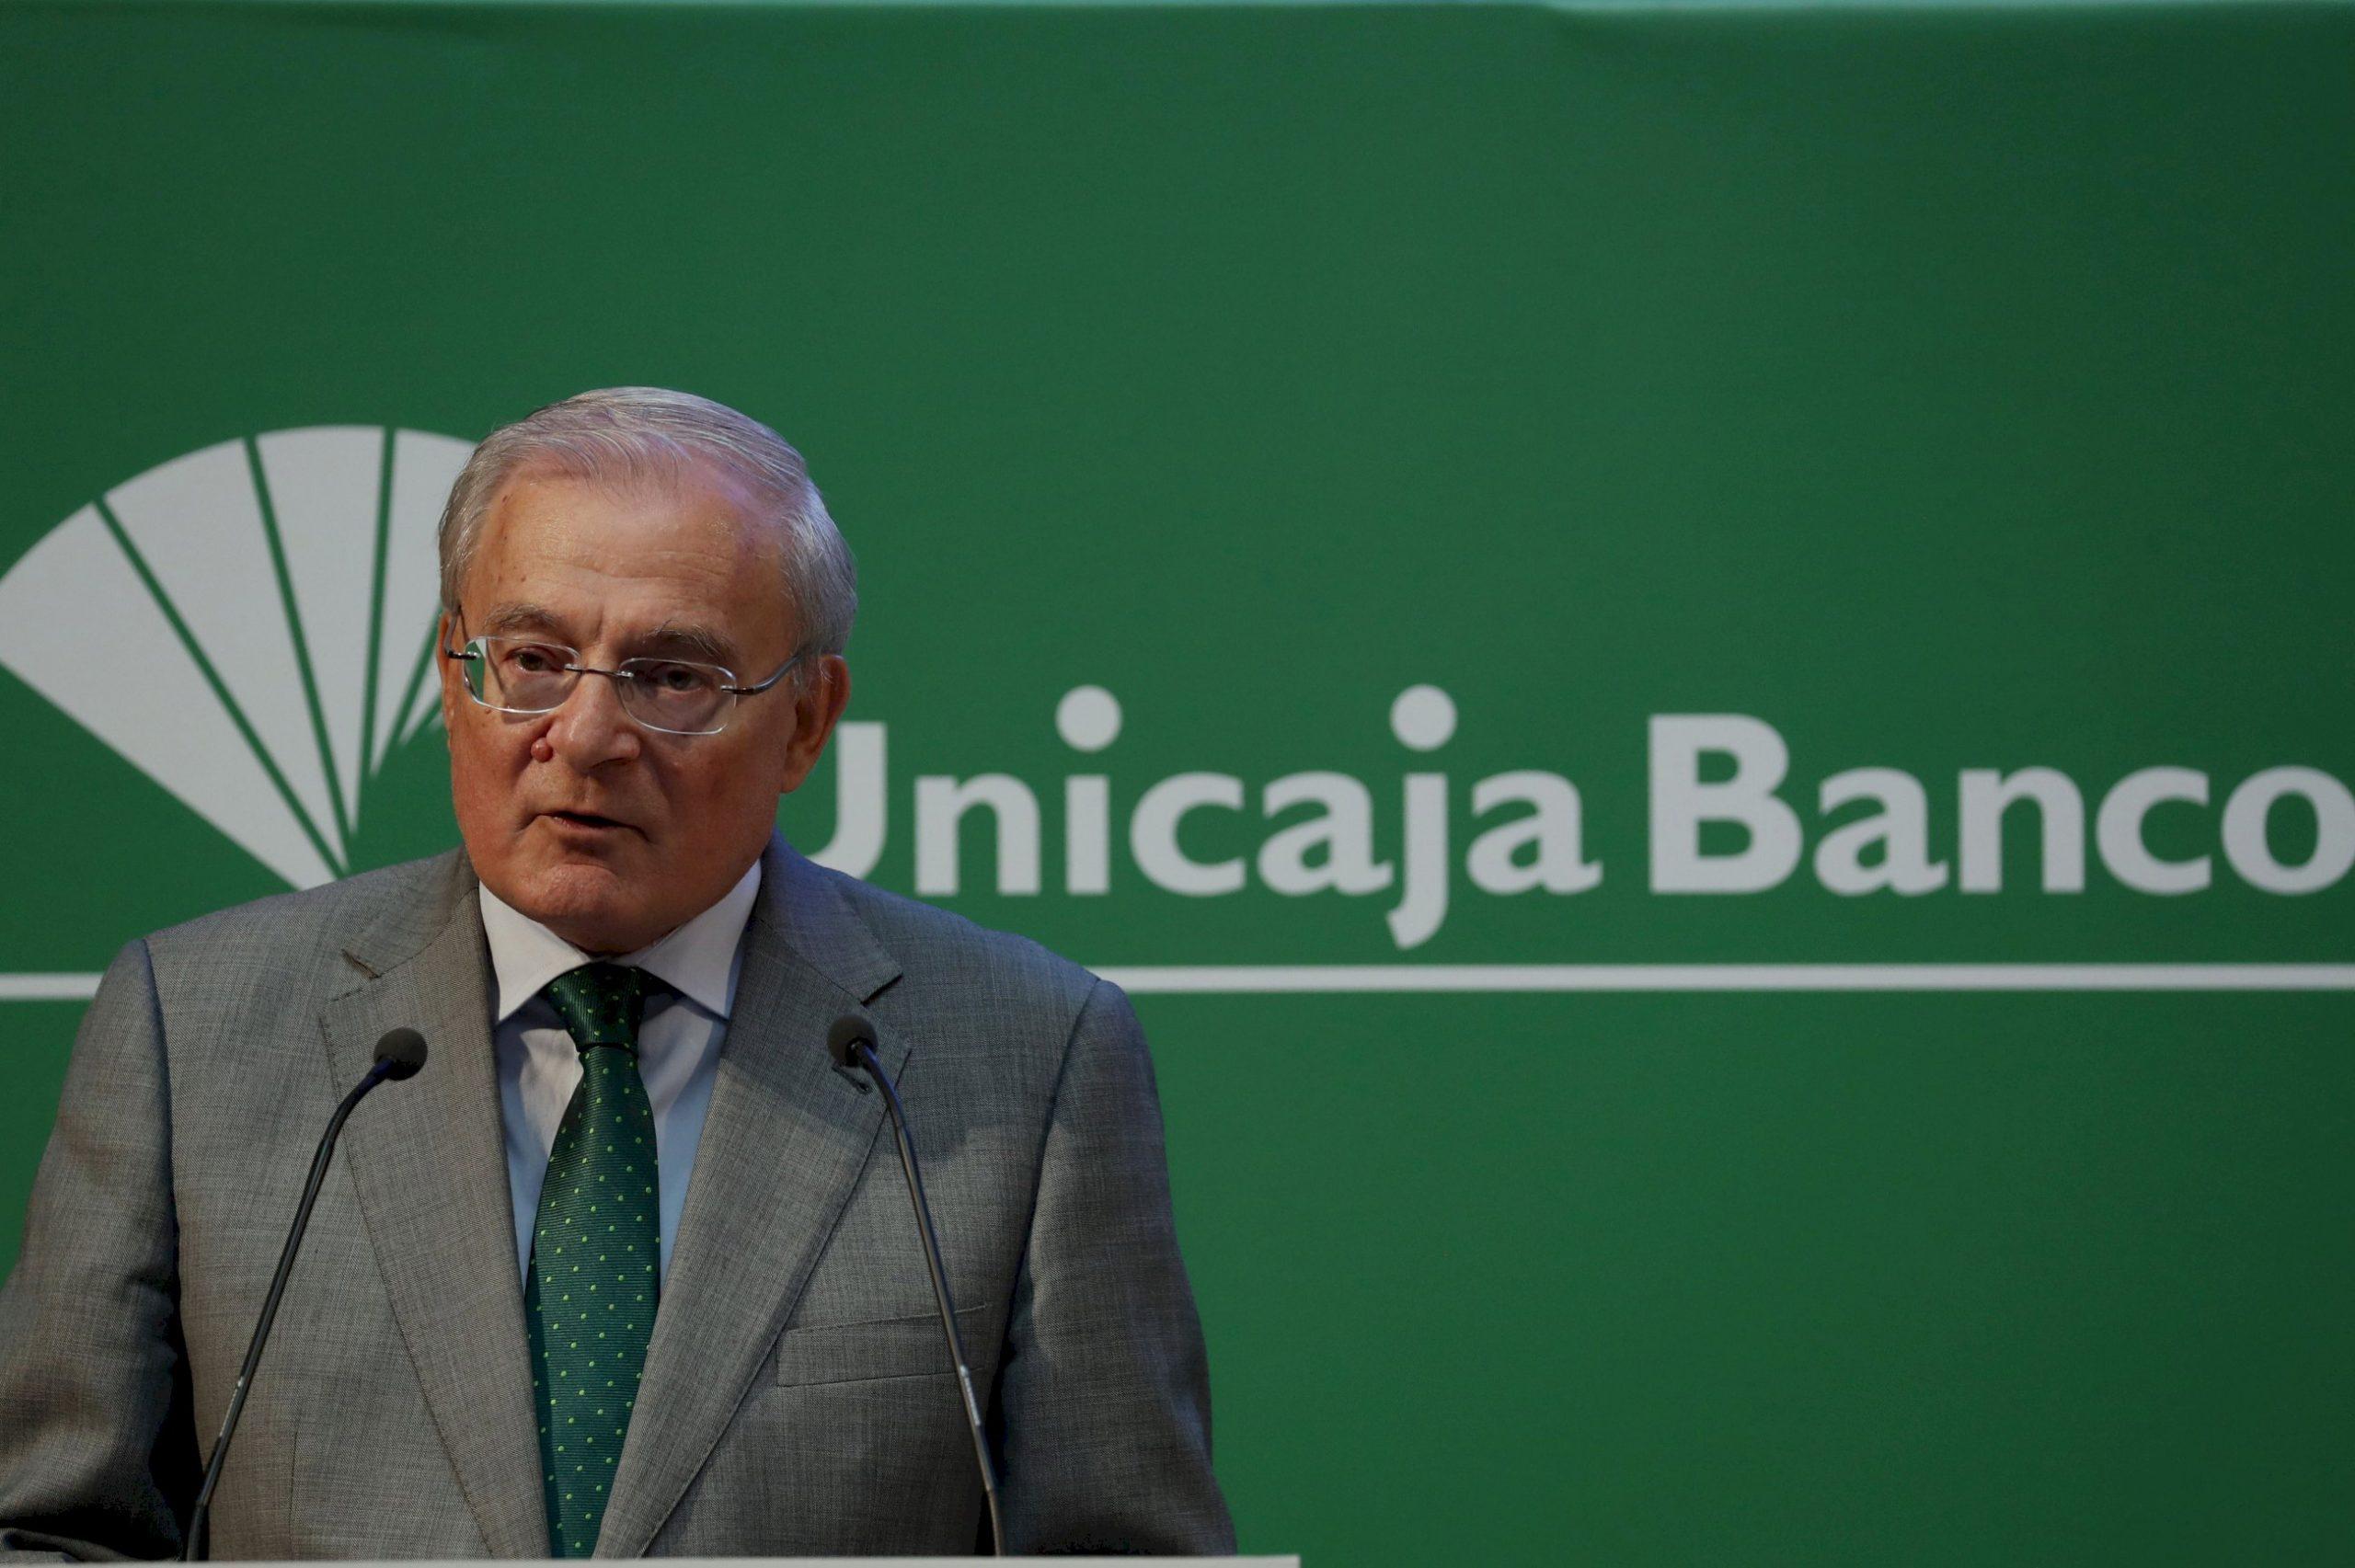 Mercado continuo: El dividendo de Unicaja se alineará con el de Bankinter | Autor del artículo: Cristina Casillas